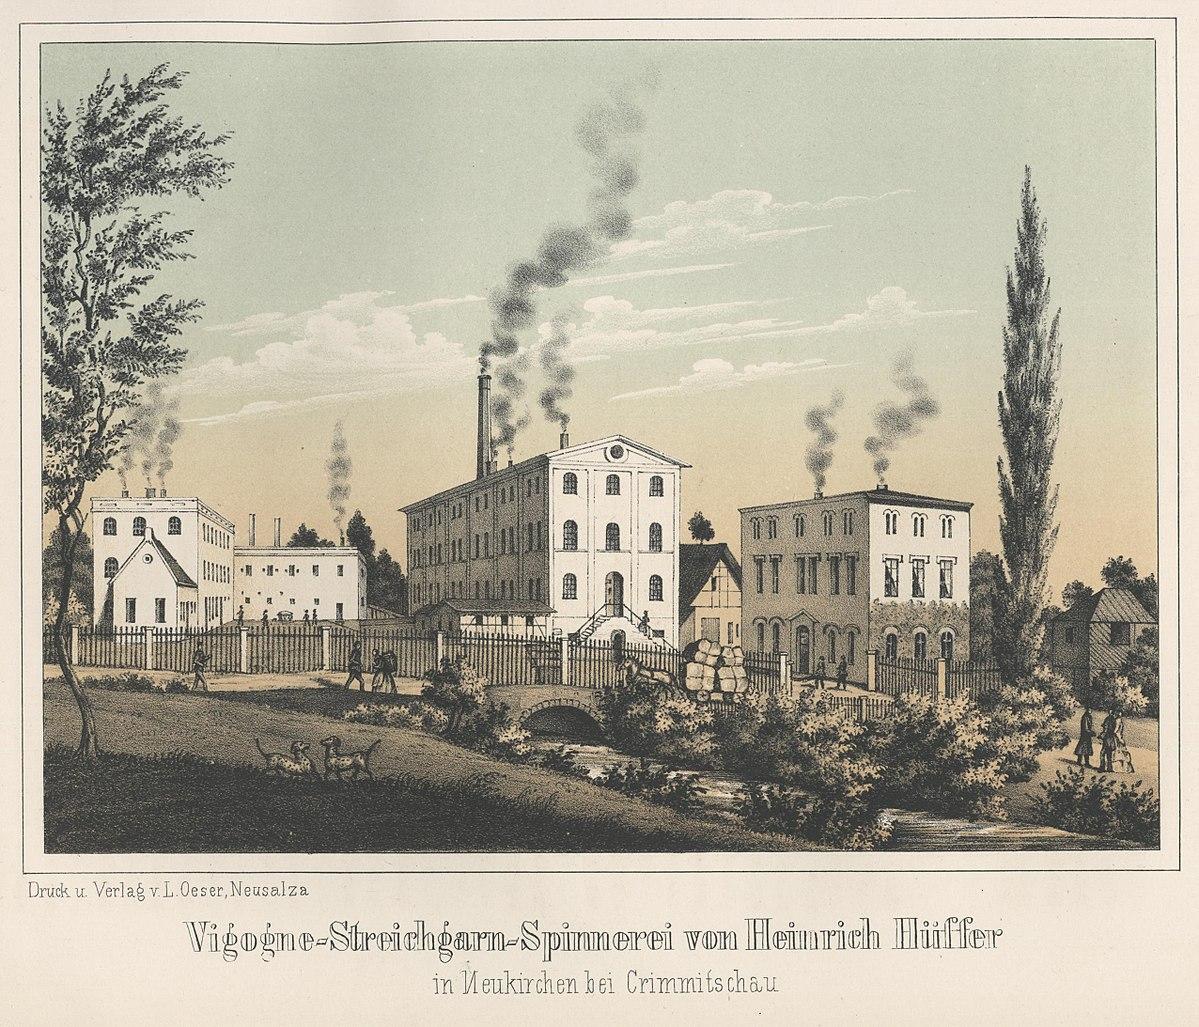 Liste Der Kulturdenkmale In Neukirchen Pleisse Wikipedia